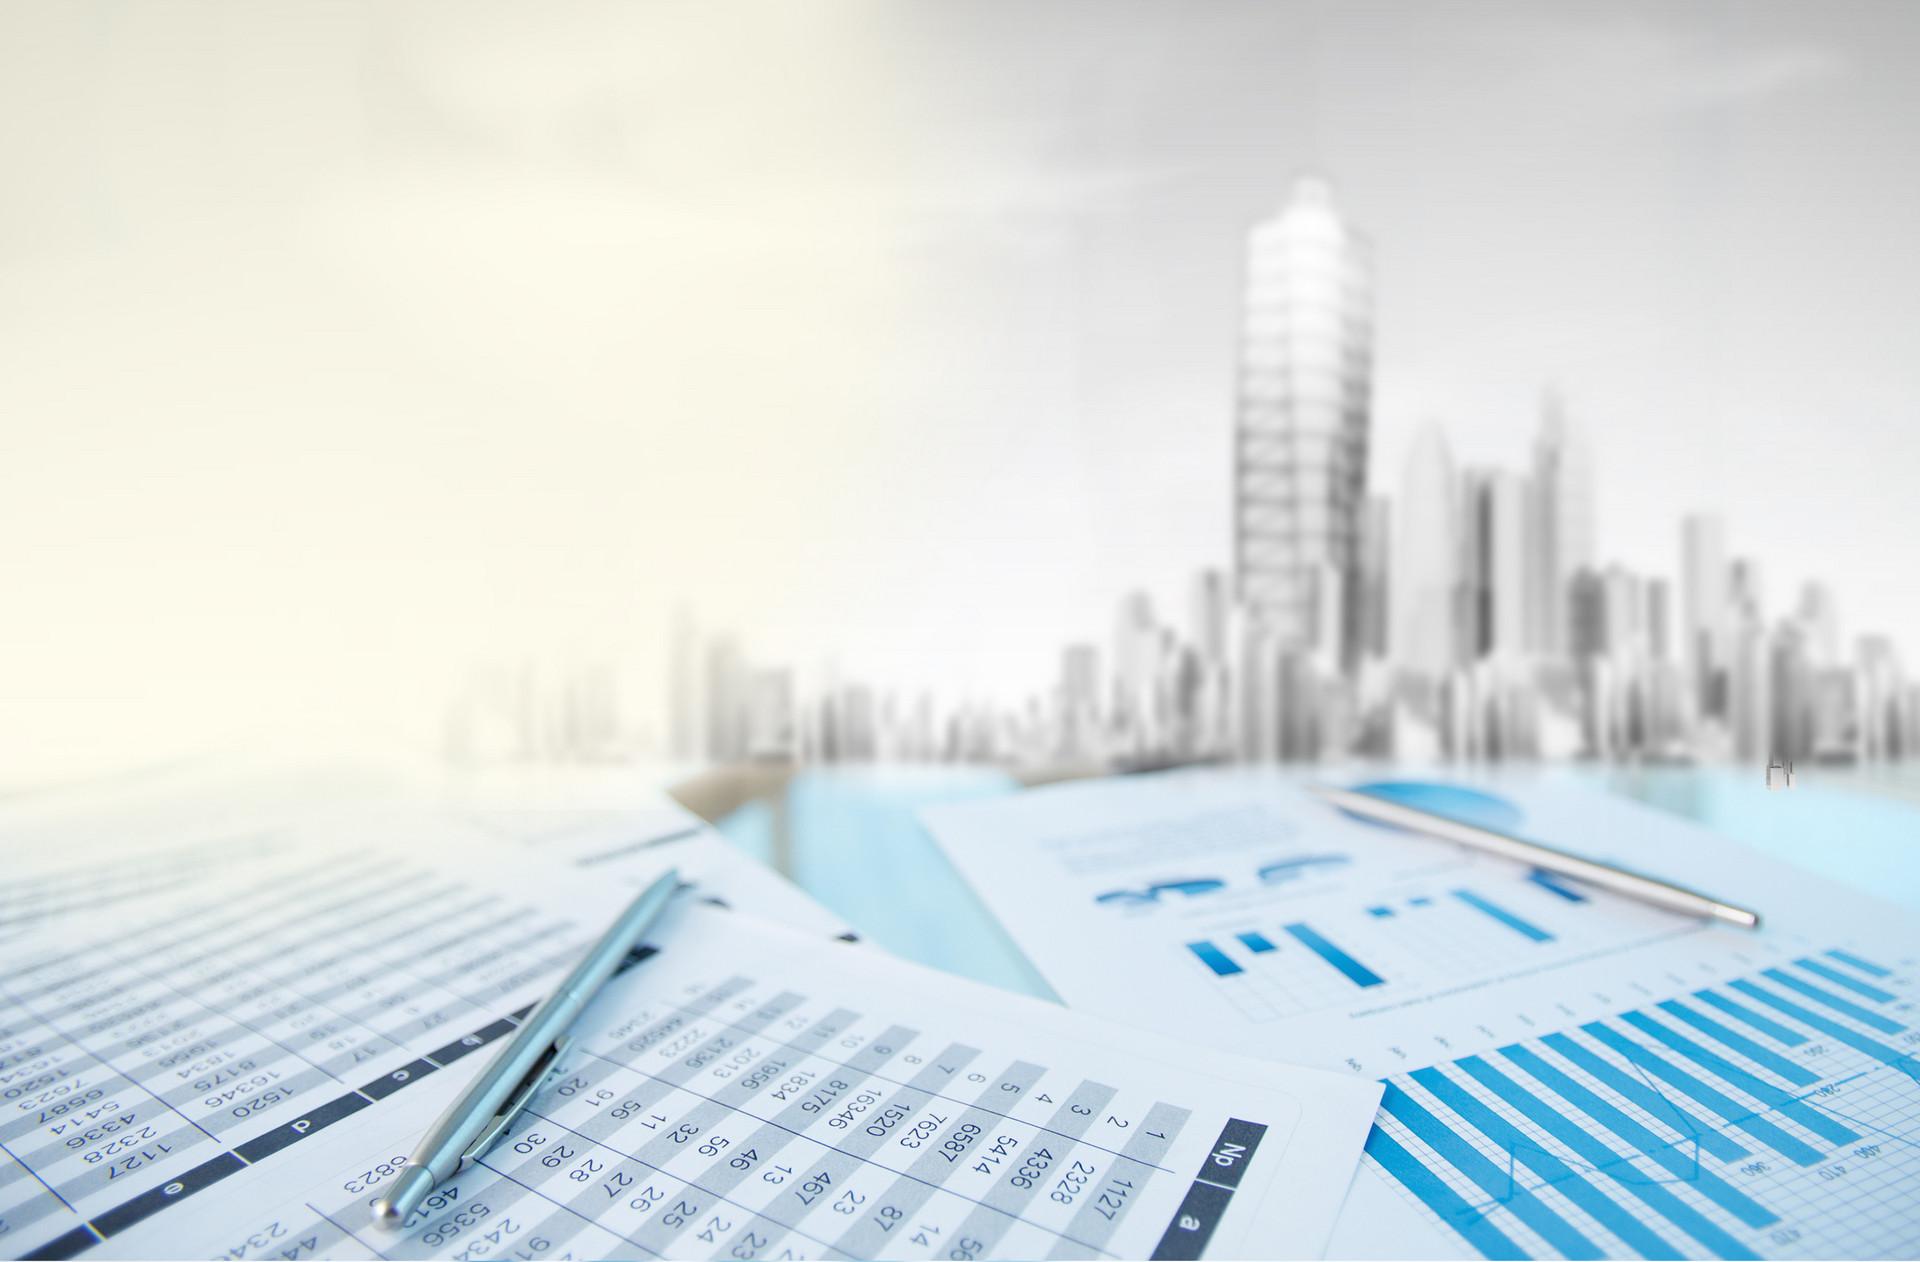 全國股轉公司修改重組業務指南 進一步規范超200人公司重大資產重組業務